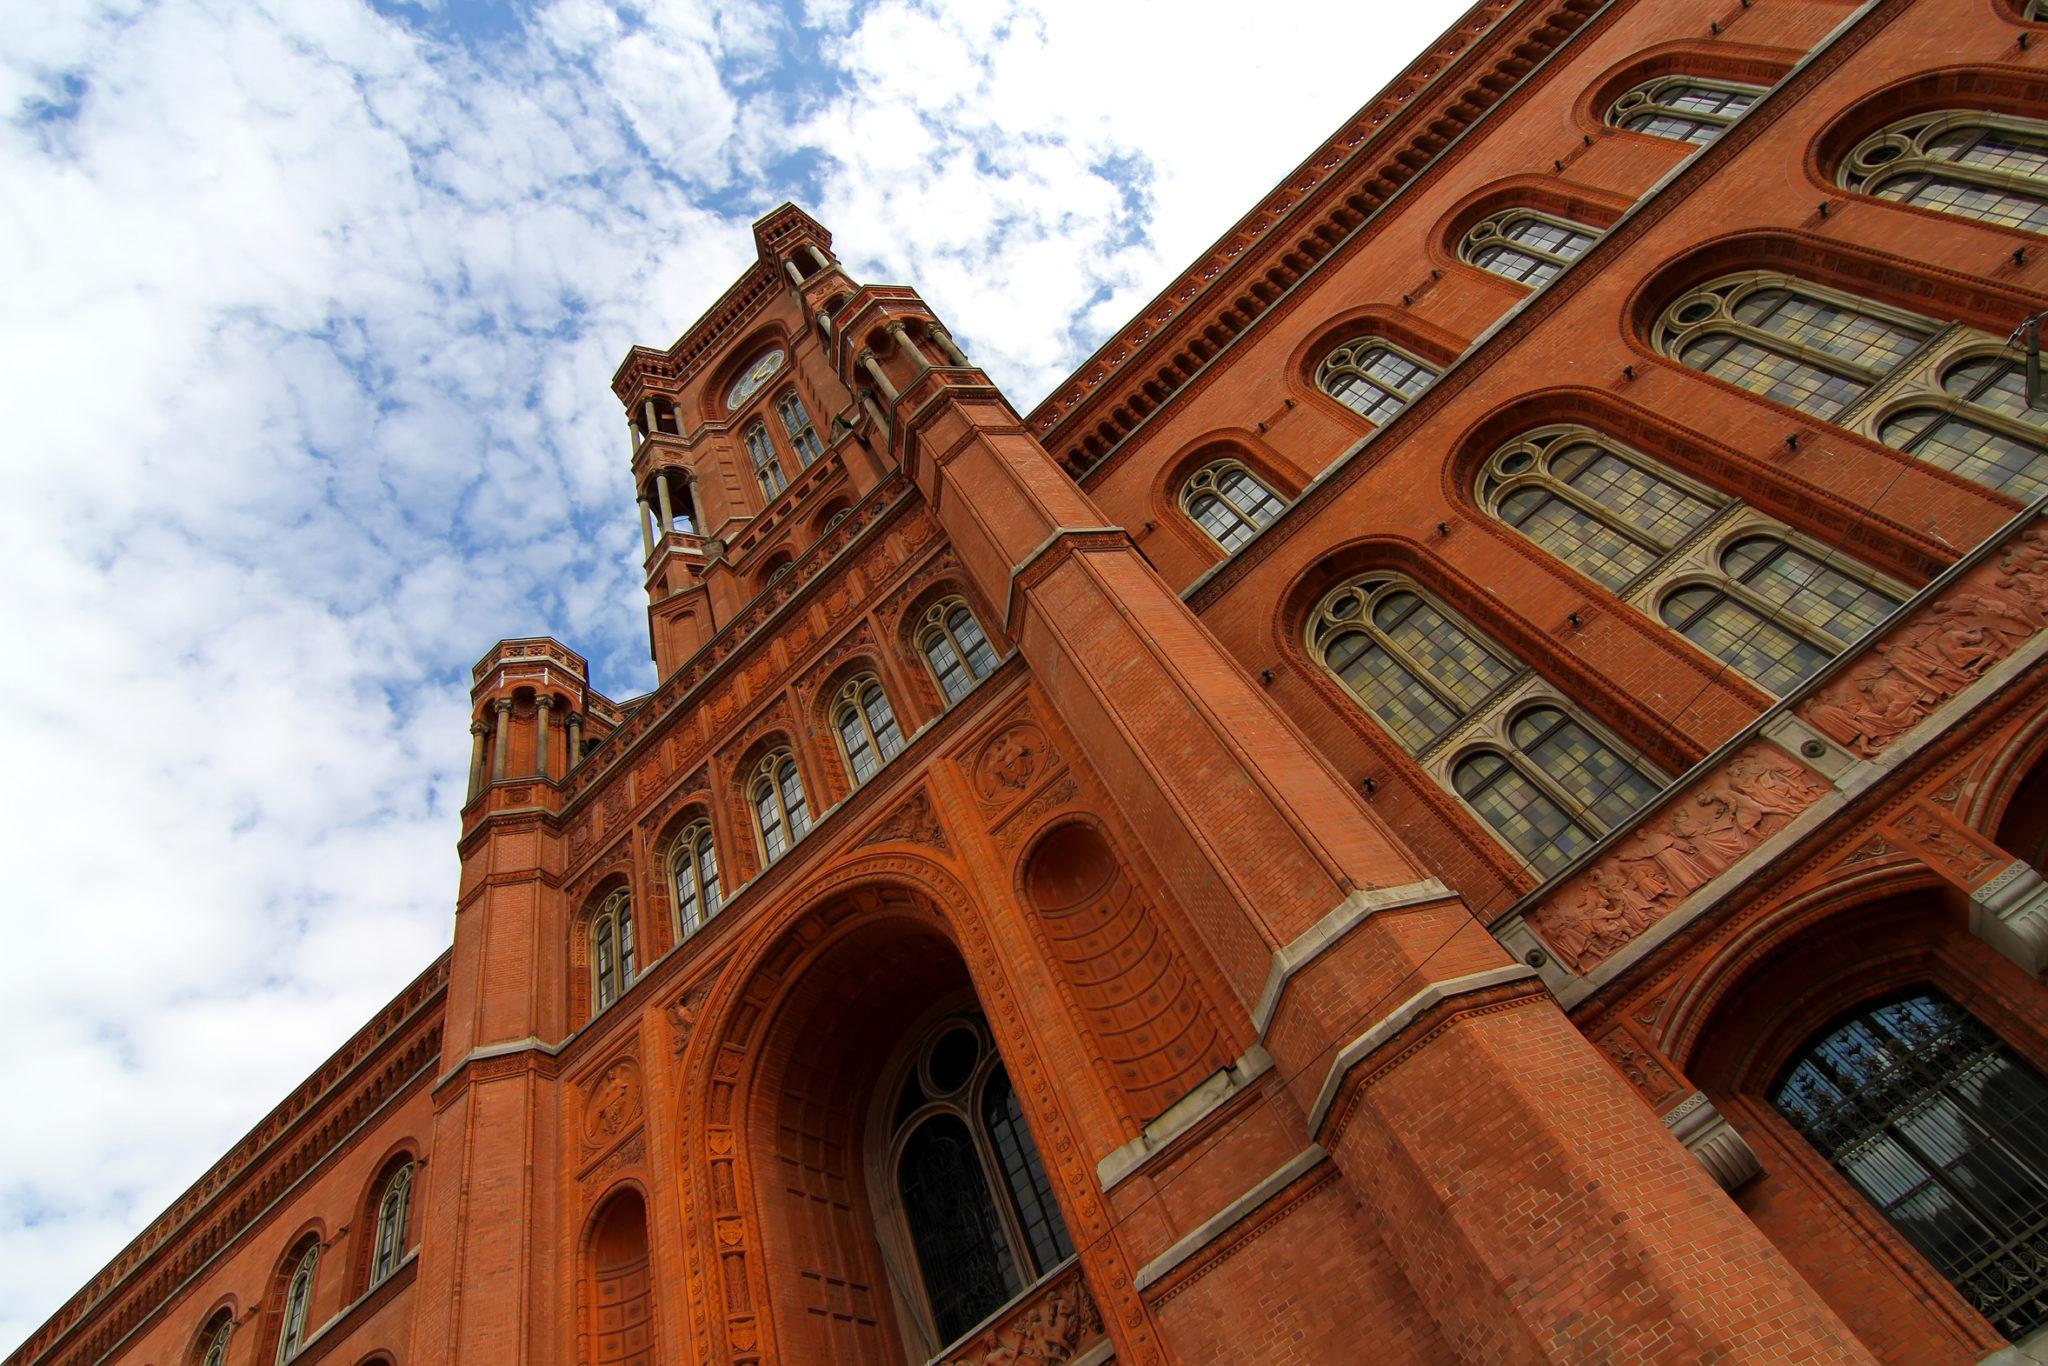 Haushaltsauflösung und Entrümpelung in Berlin Steglitz